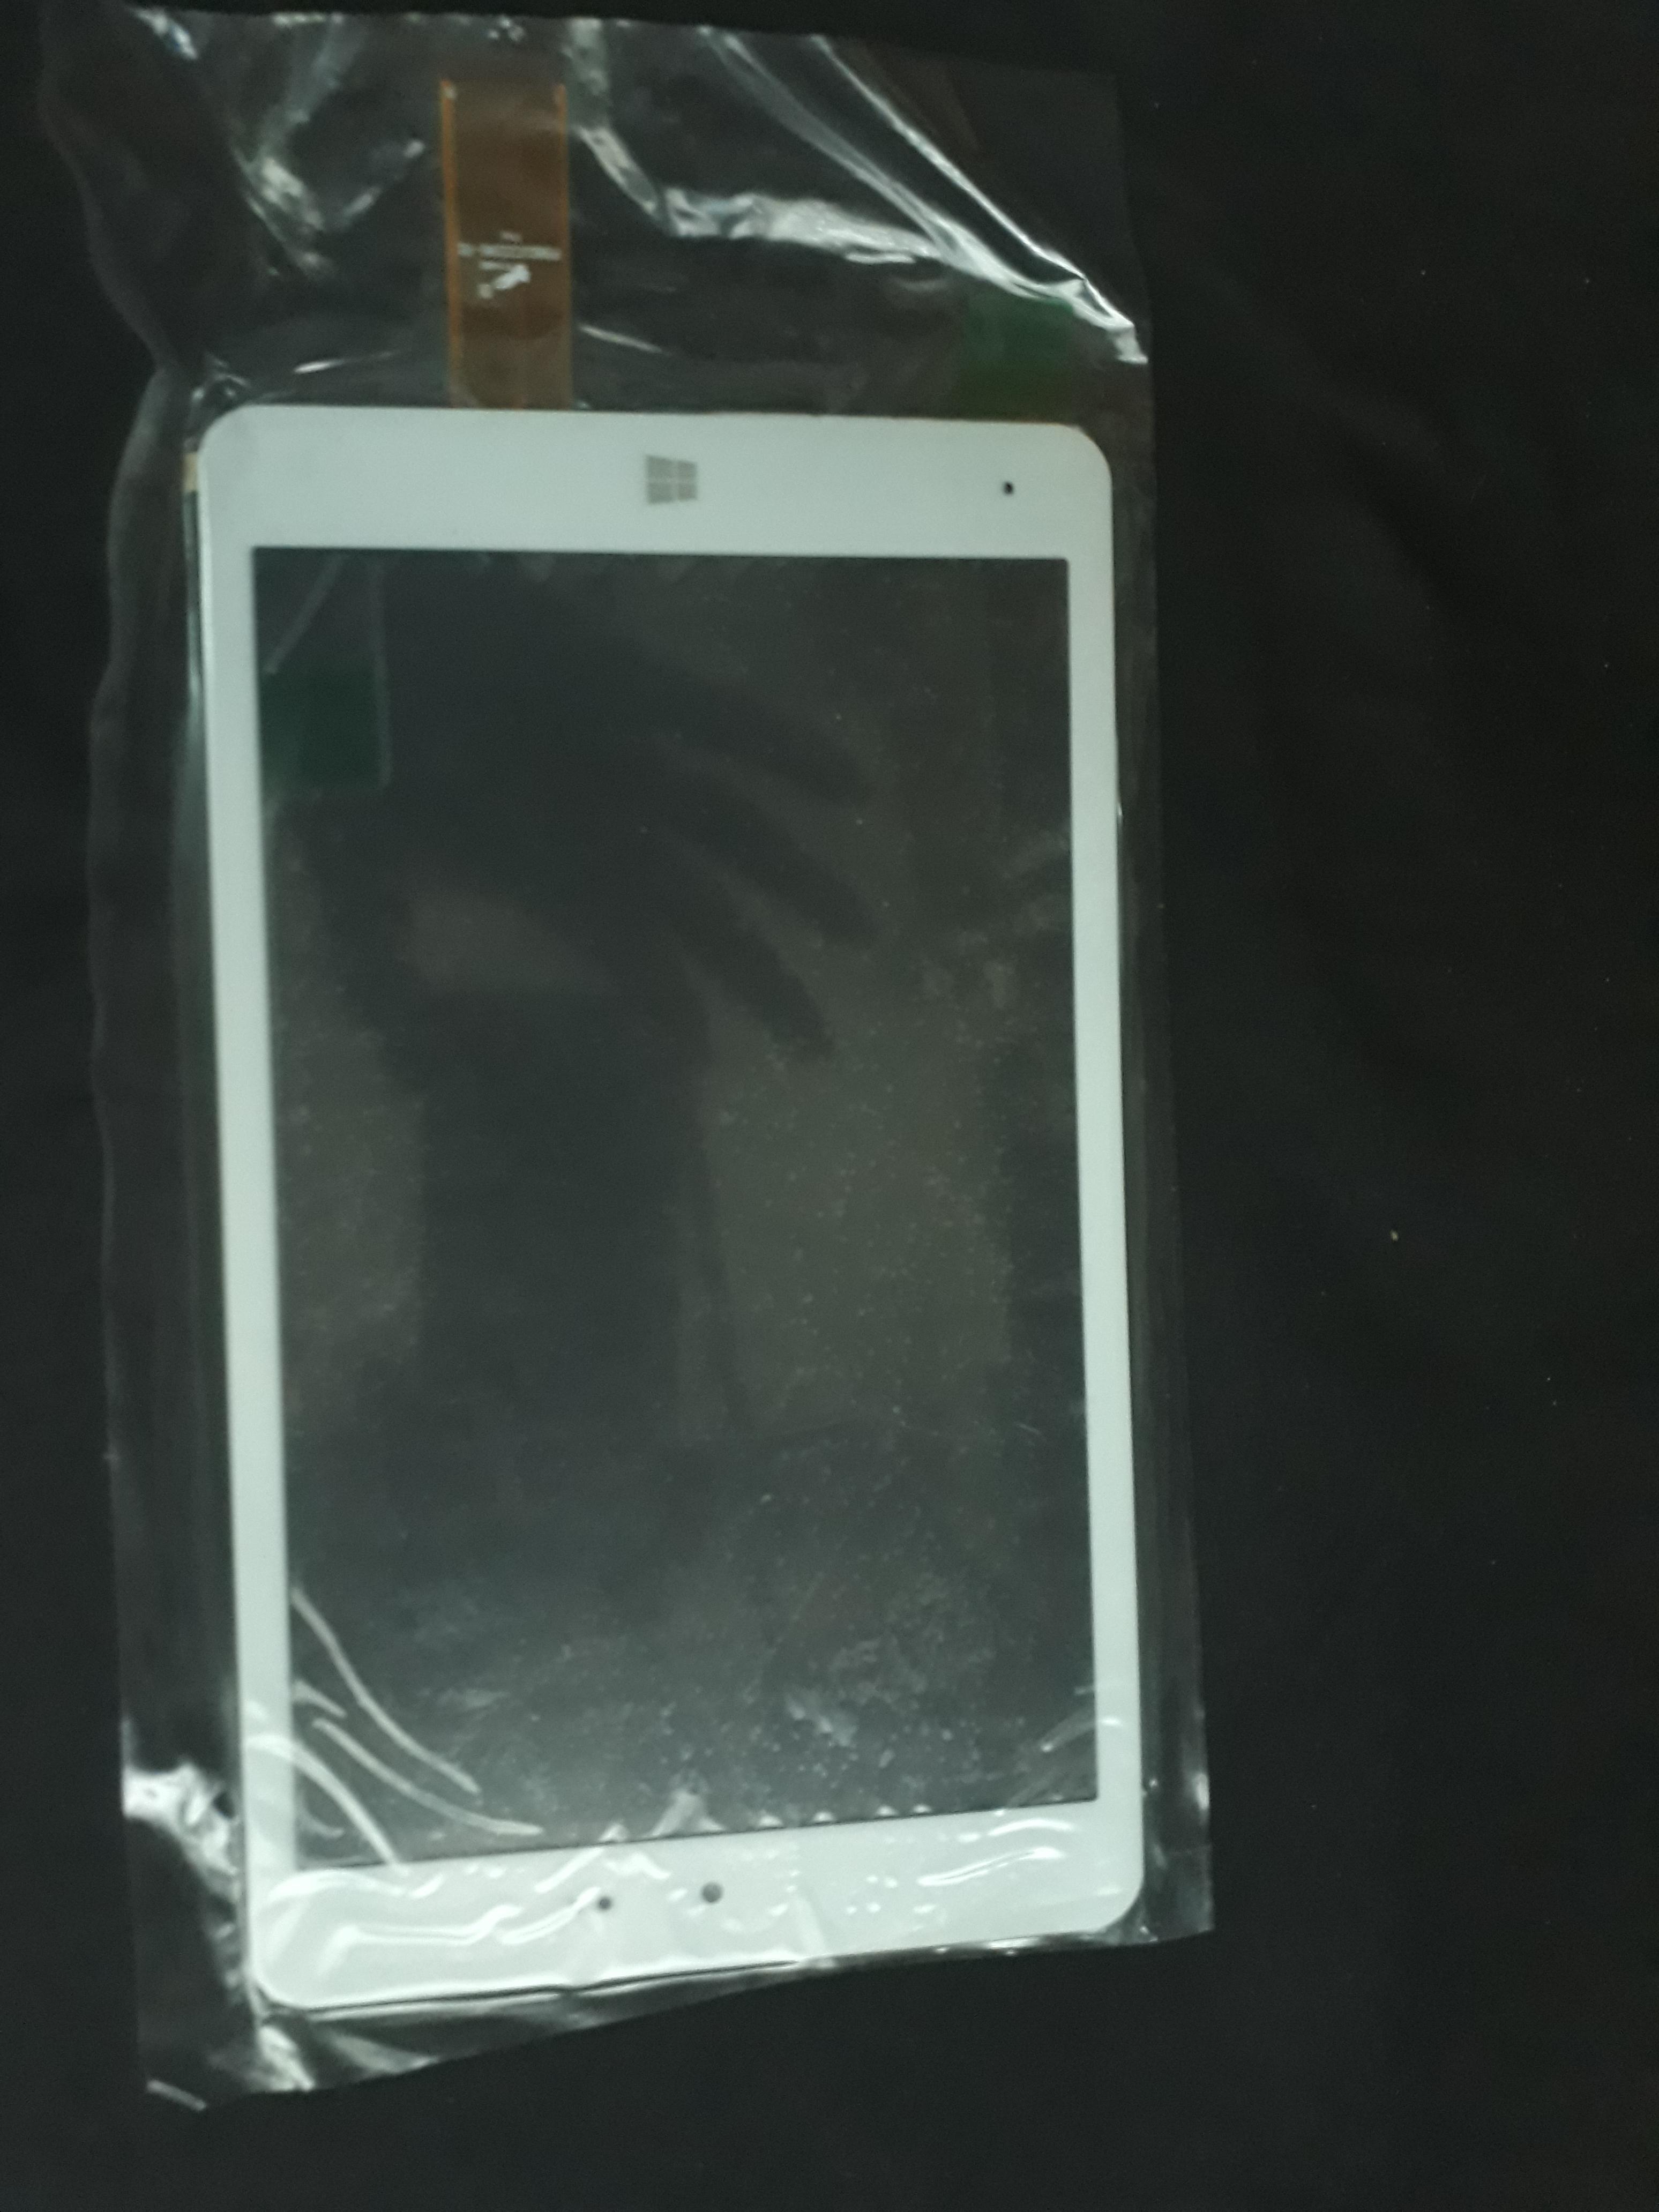 จอทัชสกรีน Chuwi hi 8 ของใหม่ สีขาว PB80JG2296-R1 touch screen